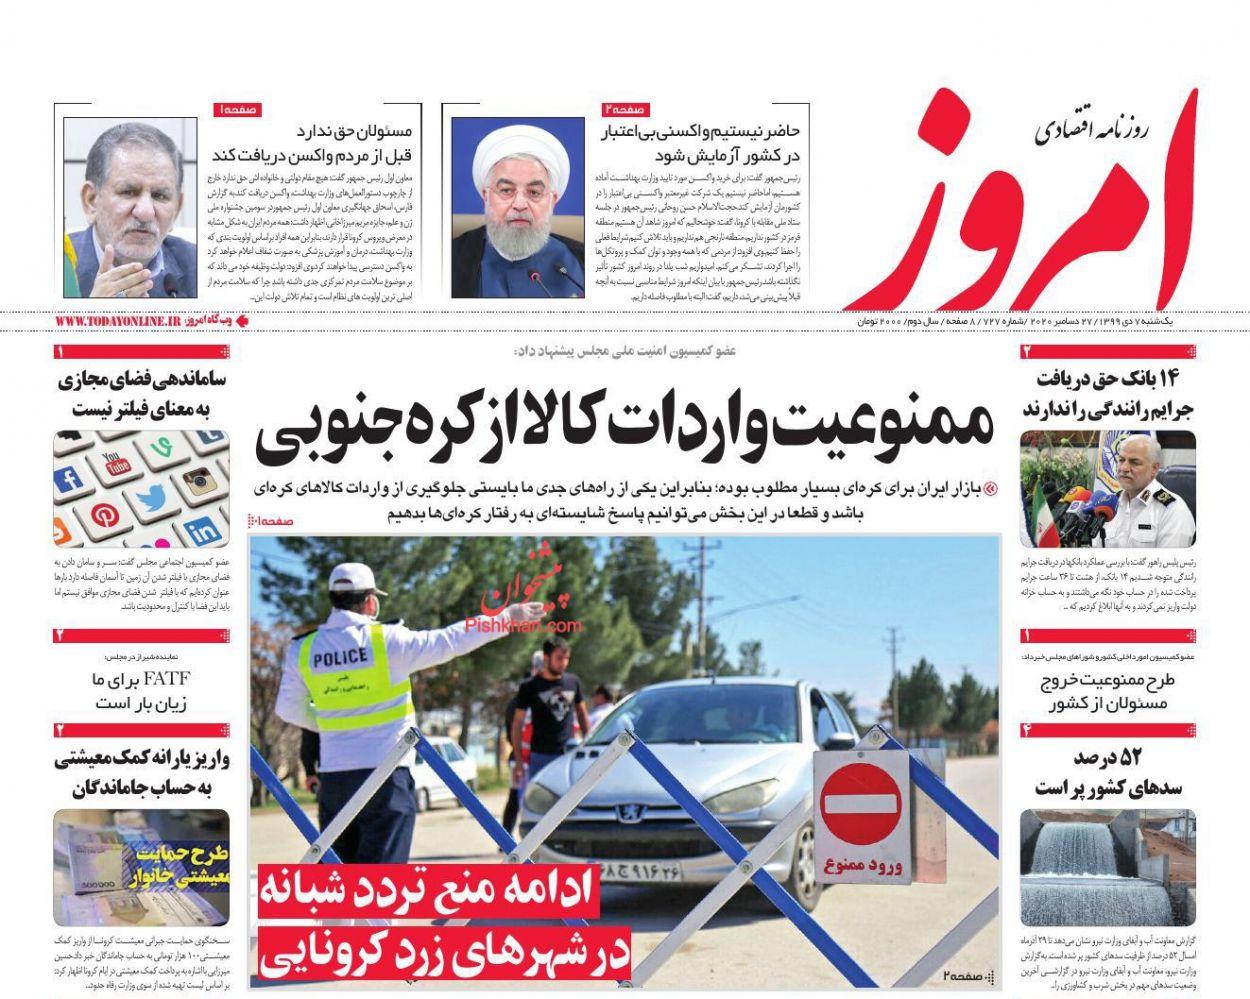 عناوین اخبار روزنامه امروز در روز یکشنبه ۷ دی